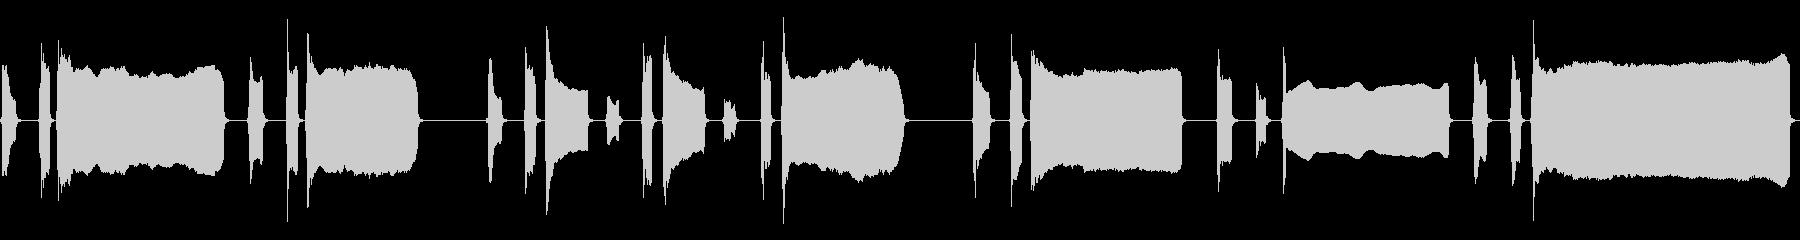 タップ、ロングトランペットバージョンの未再生の波形